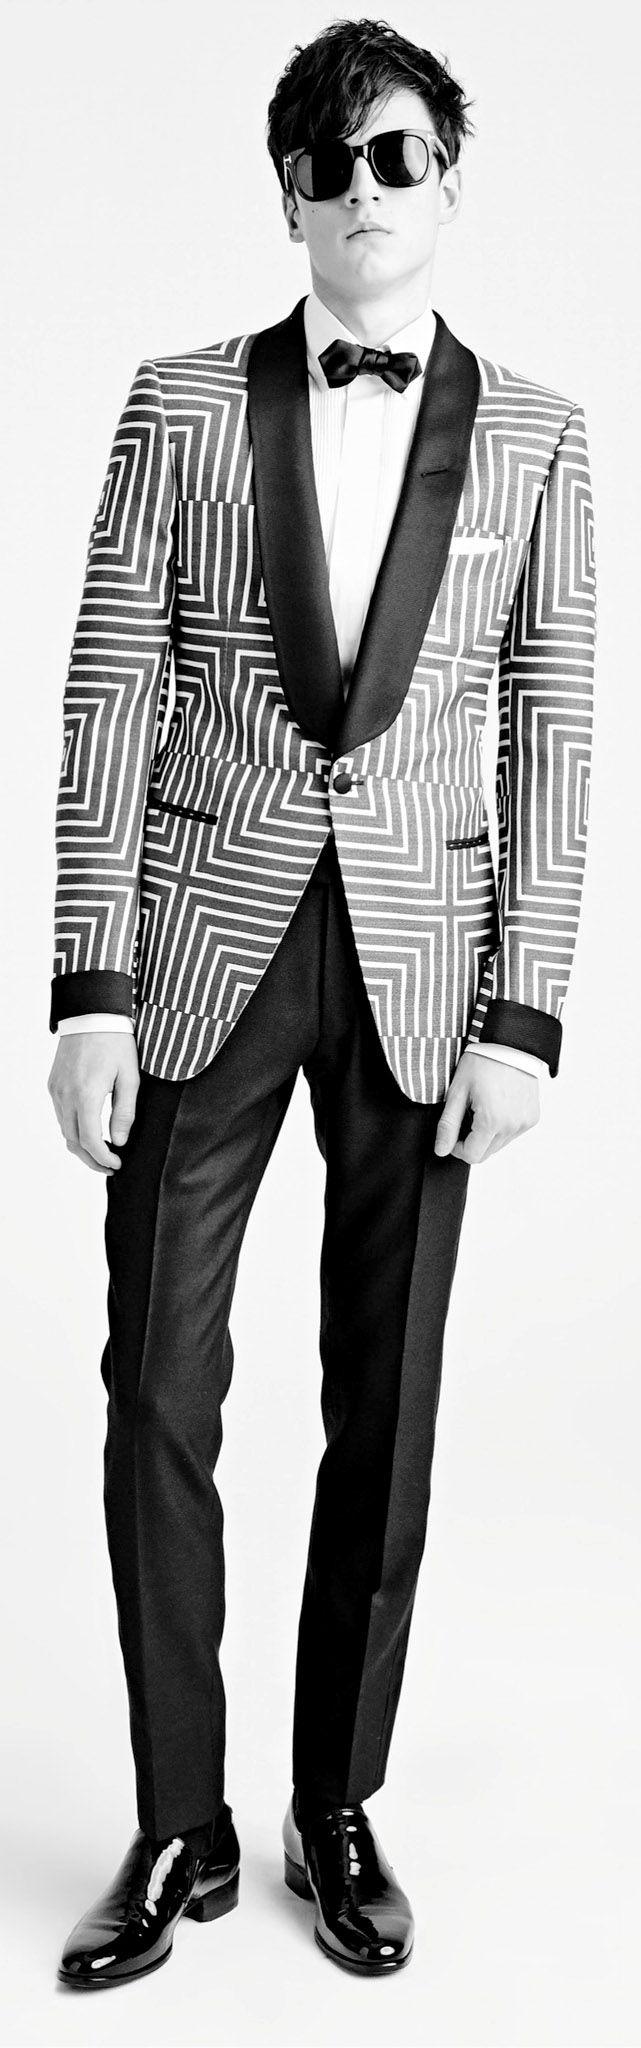 Tom Ford Fall 2015 Menswear   justjune   It s a man s world ... 194379cb212d